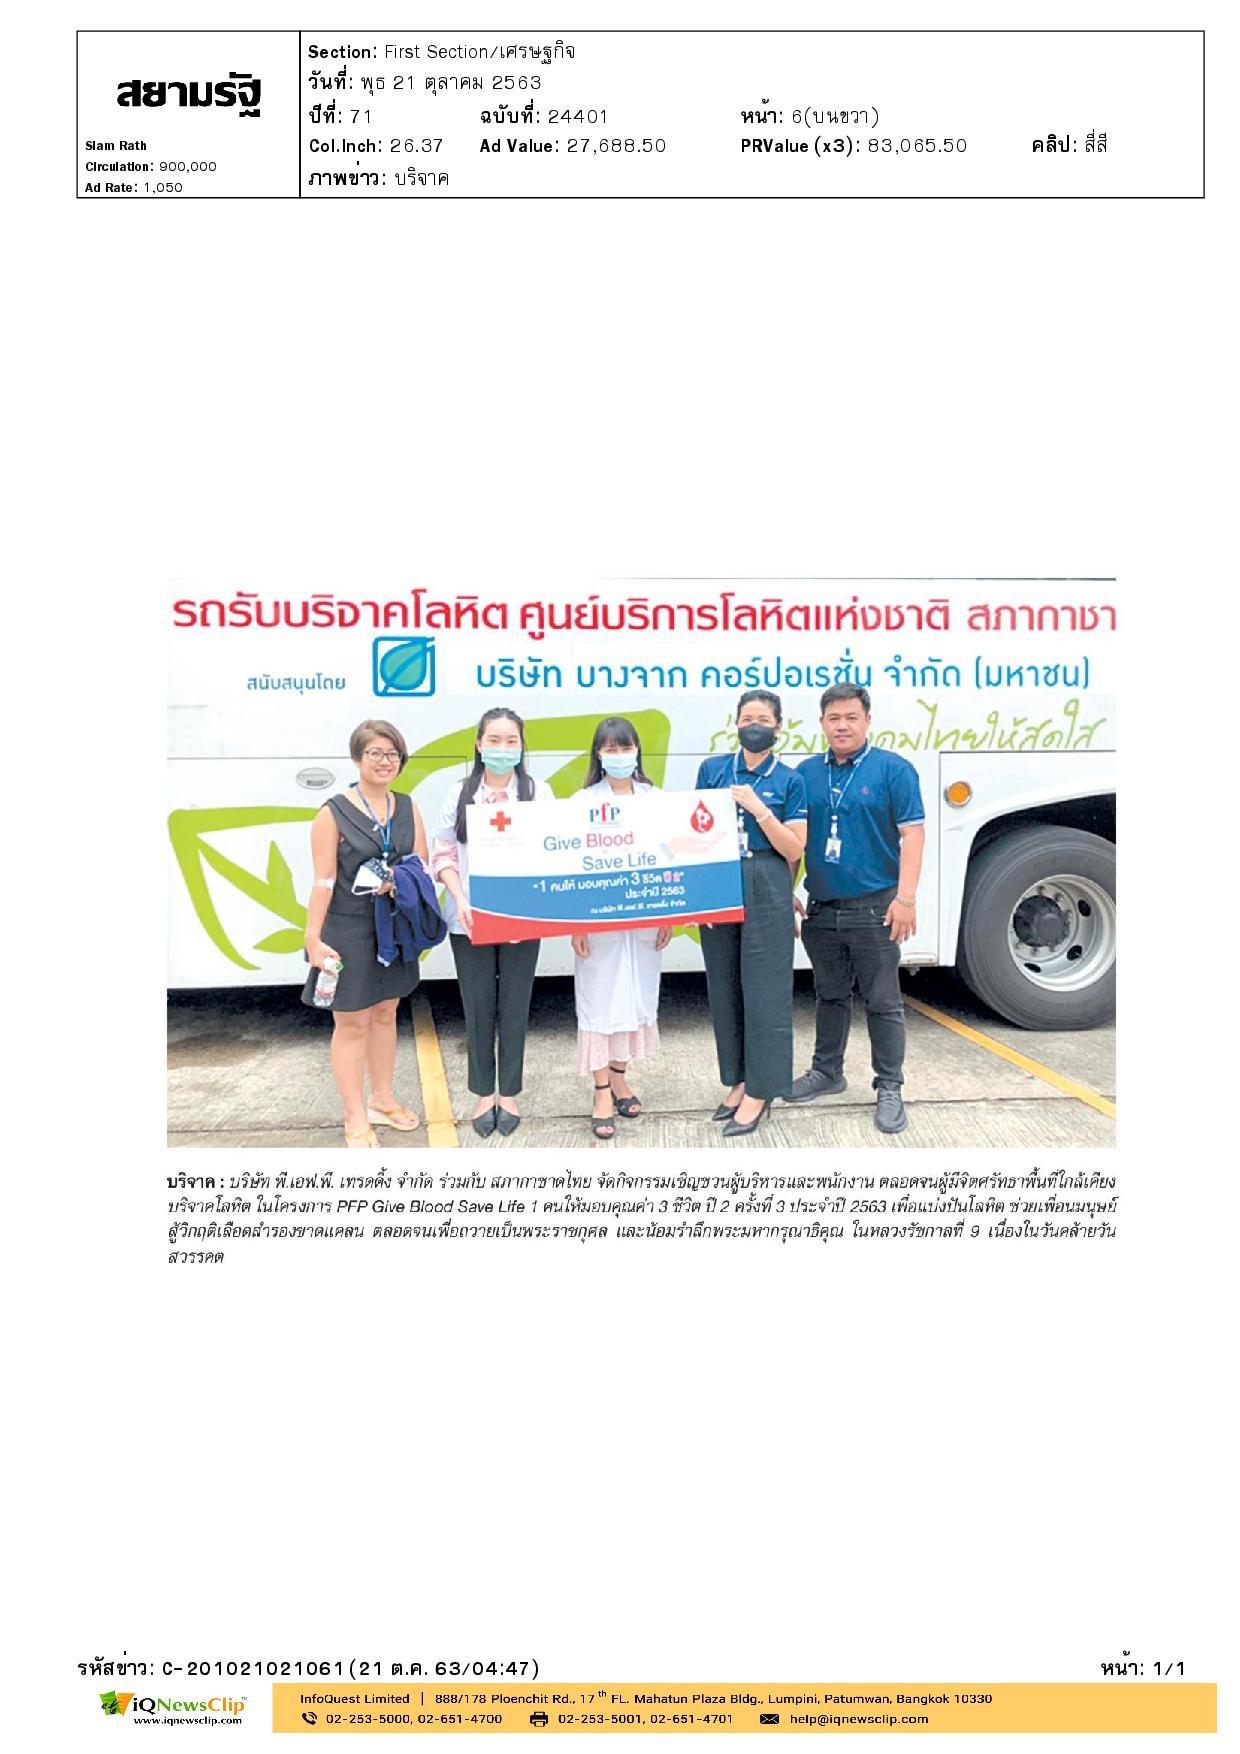 บริจาคโลหิต ในโครงการ PFP Give Blood Save Life 1 คนให้มอบคุณค่า 3 ชีวิต